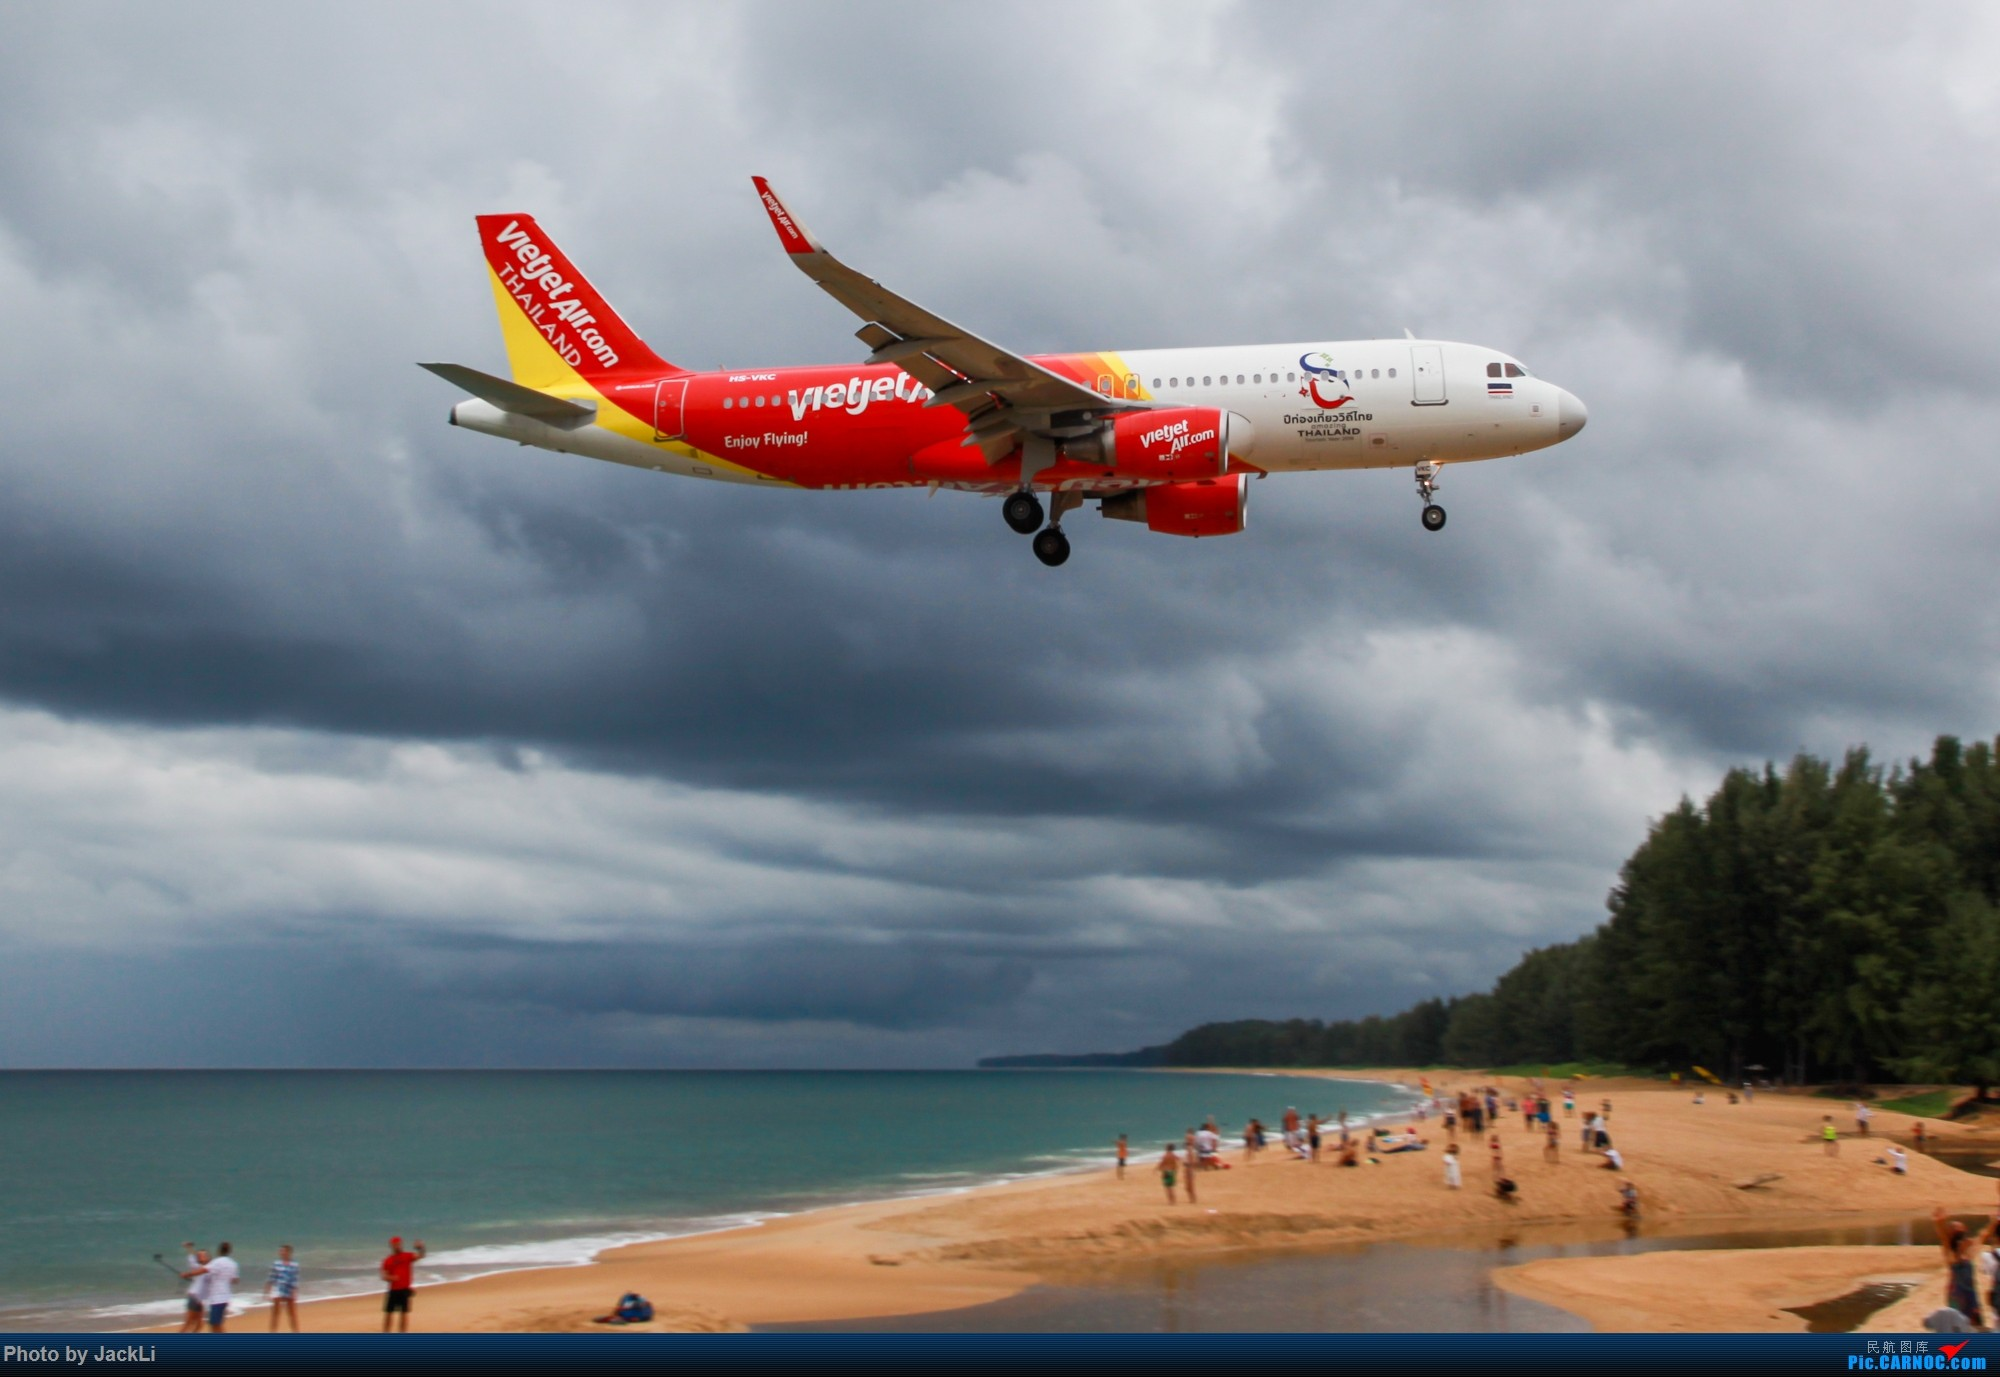 Re:[原创]【JackLi】亚洲圣马丁~普吉岛机场拍机 AIRBUS A320 HS-VKC 泰国普吉机场